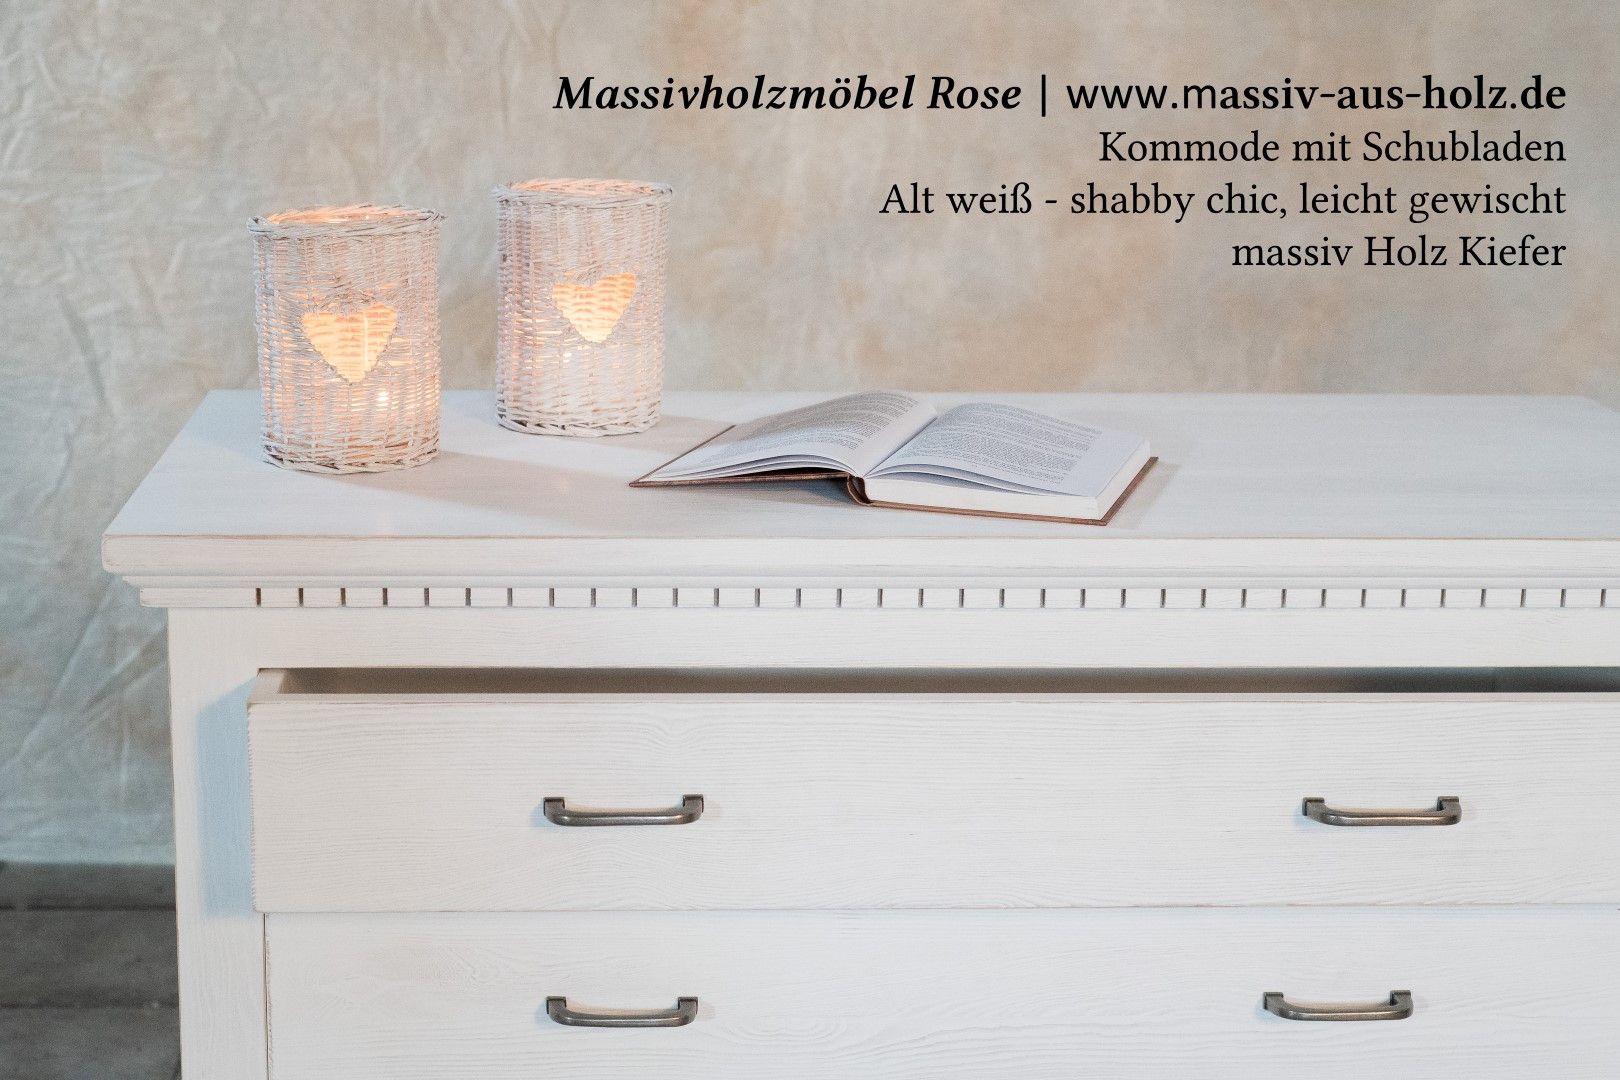 Exquisit Massiv Aus Holz Referenz Von #weiße #kommode Mit #schubladen - #habby #chic